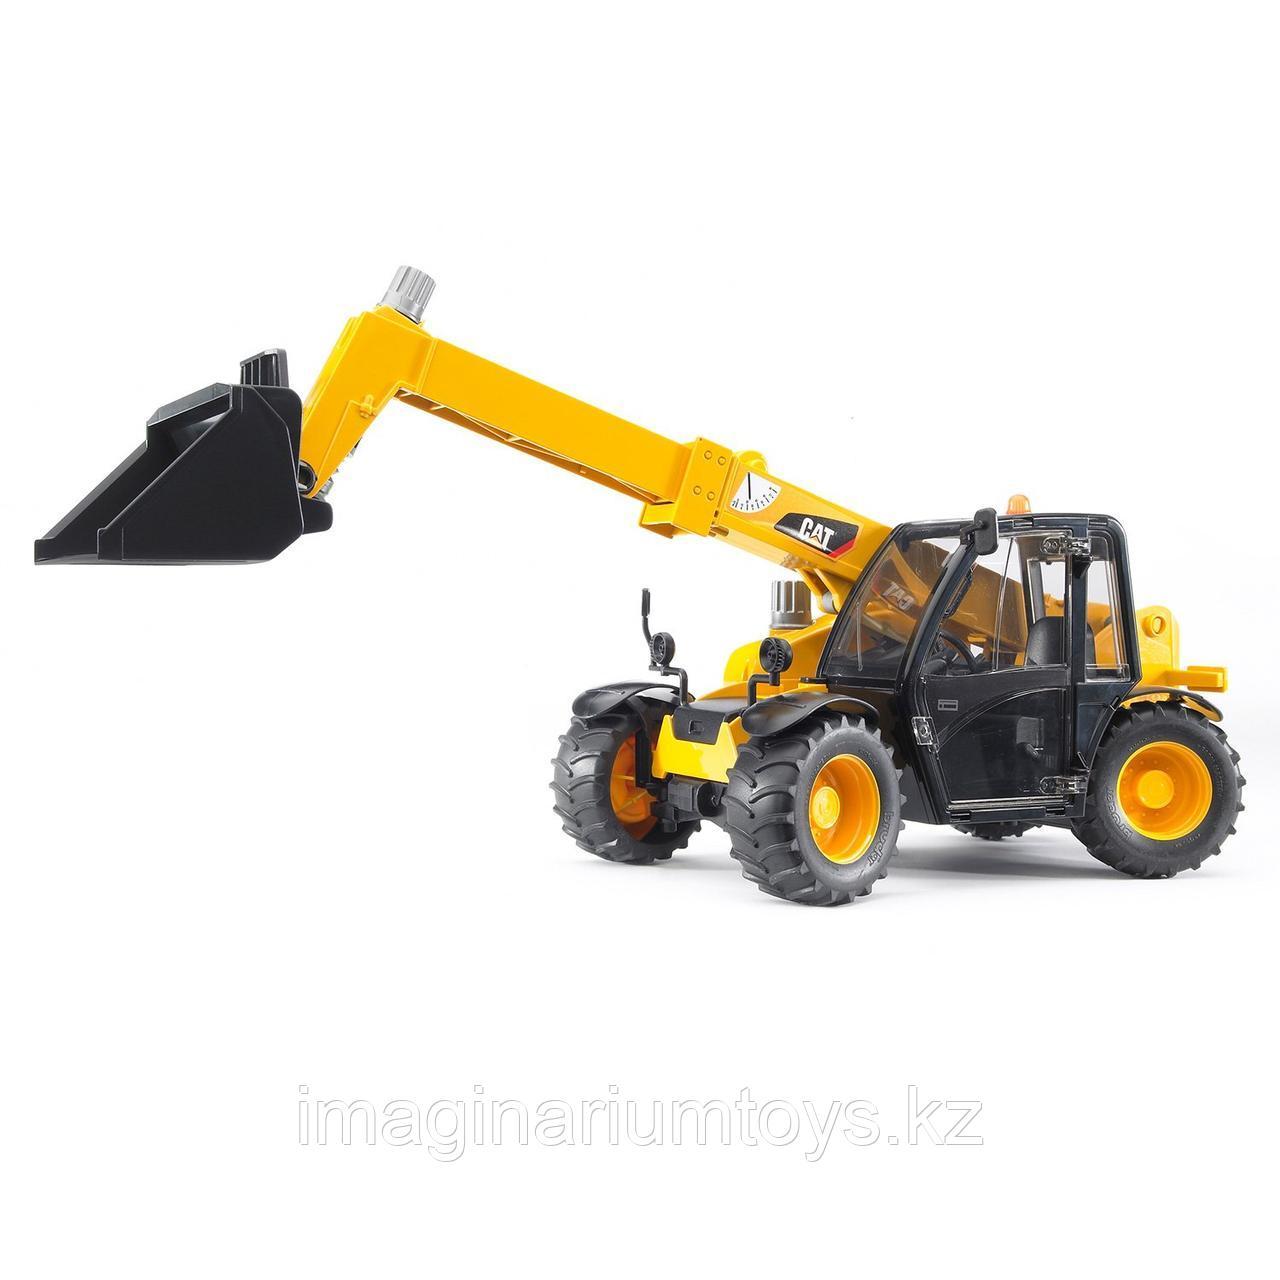 Bruder игрушечный трактор с телескопическим ковшом CAT